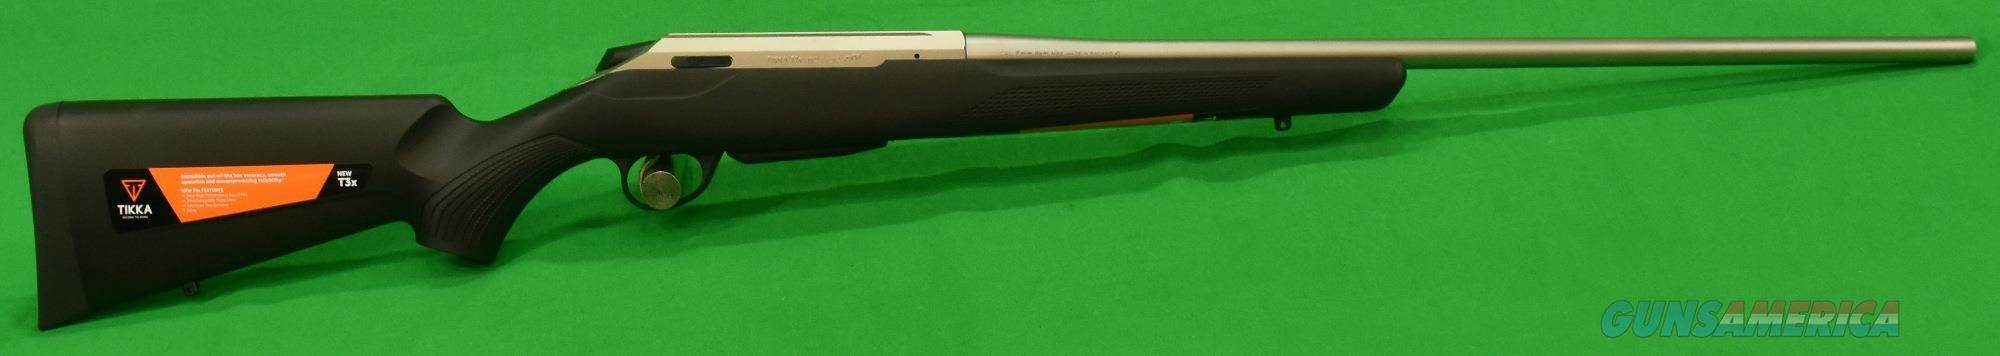 T3x Lite SS LH 7mmRem 24.3In JRTXB470  Guns > Rifles > Tikka Rifles > T3